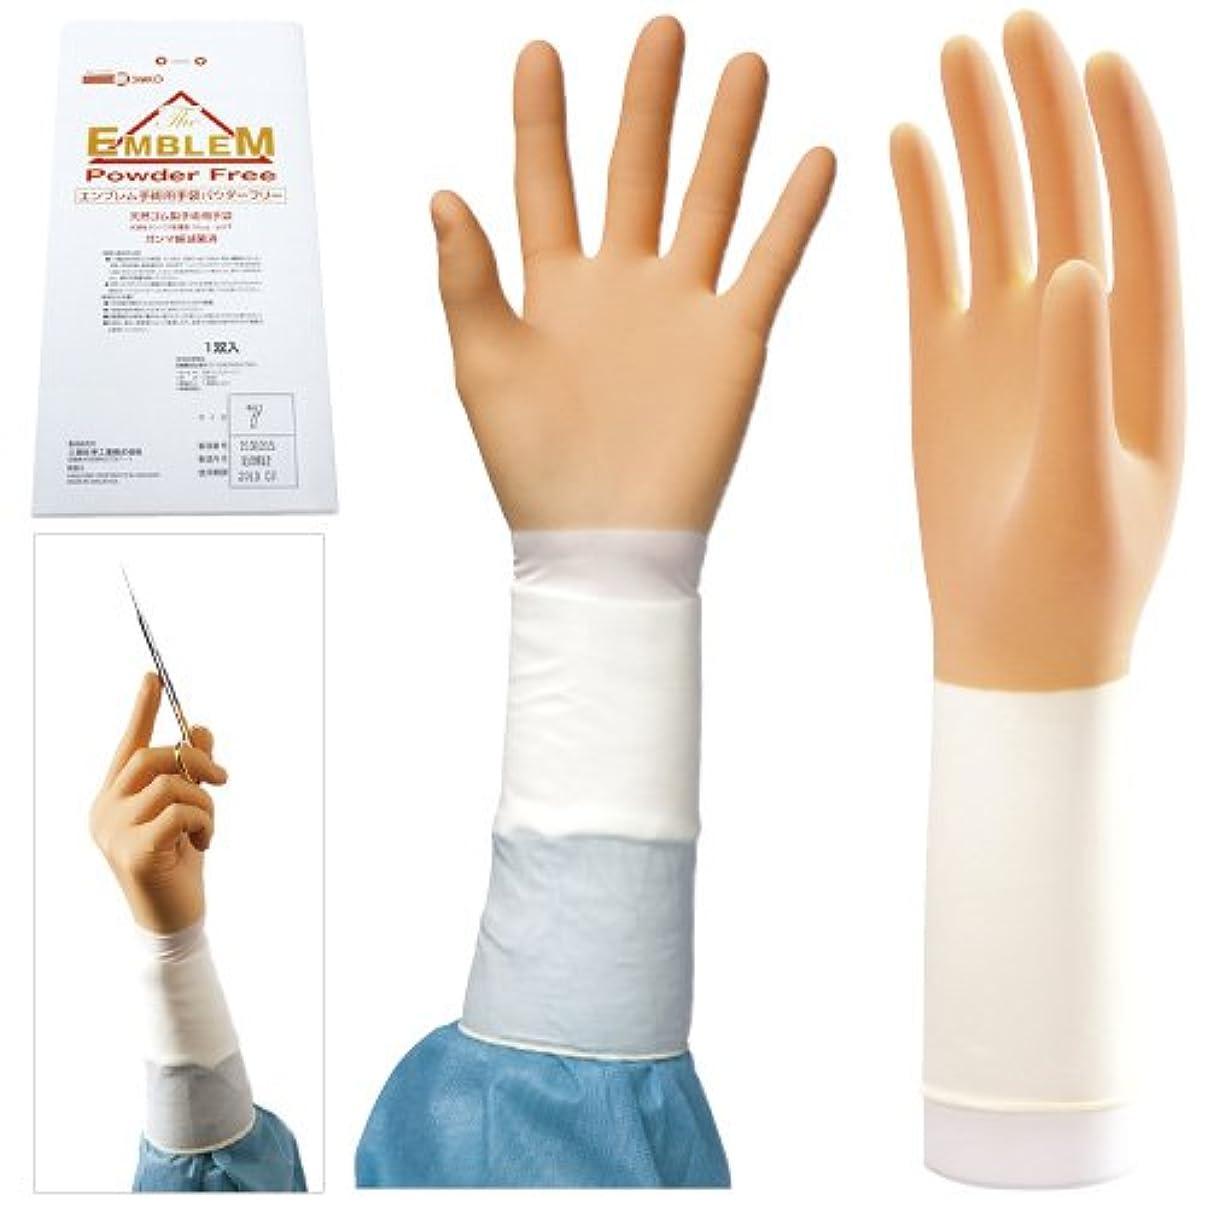 暴徒一口大きなスケールで見るとエンブレム手術用手袋 パウダーフリー NEW(20双入) 8